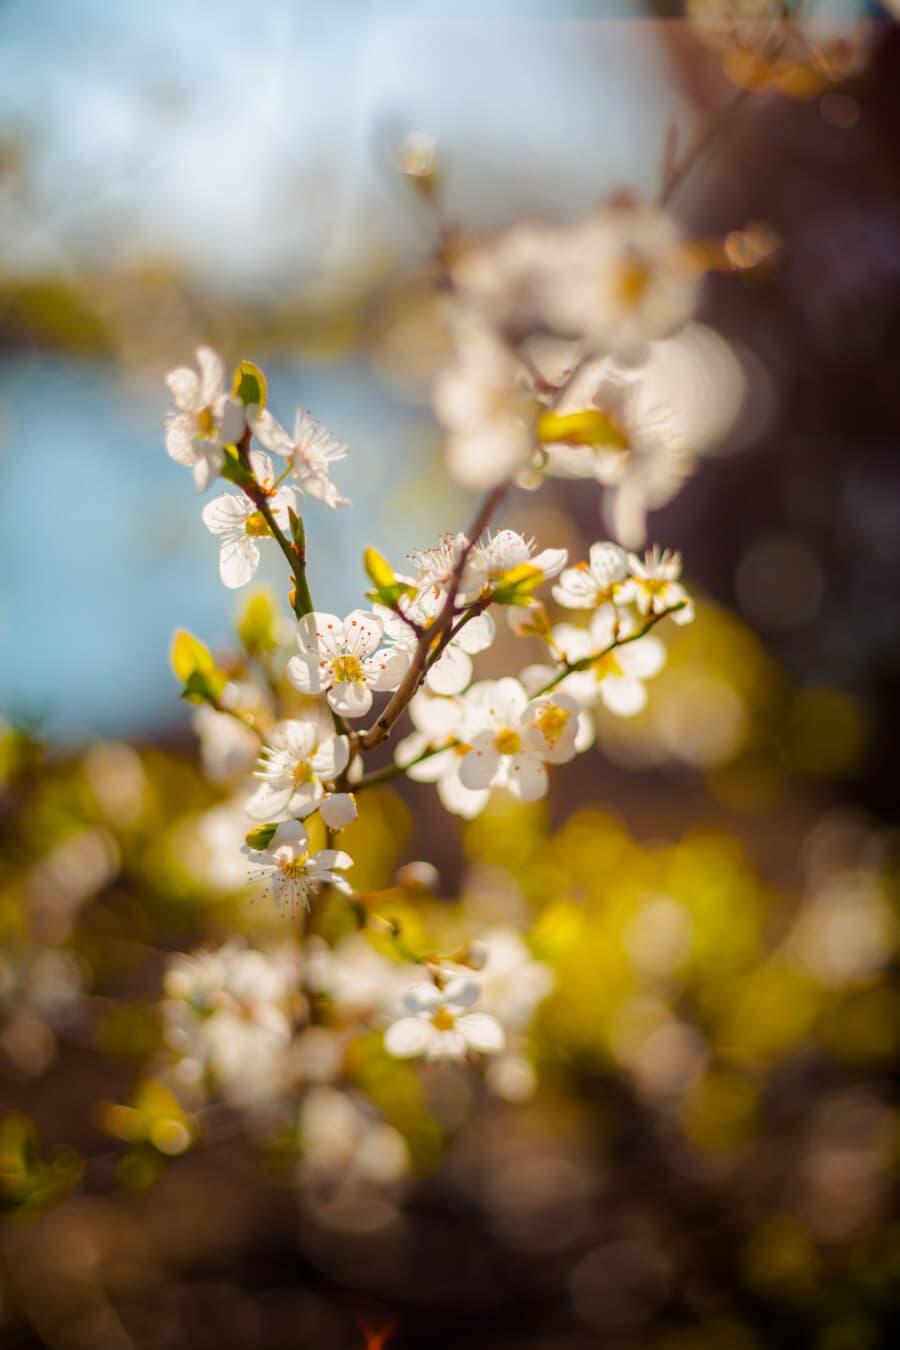 ensoleillée, météo, printemps, branches, fleur blanche, verger, arbre fruitier, branche, jardin, printemps